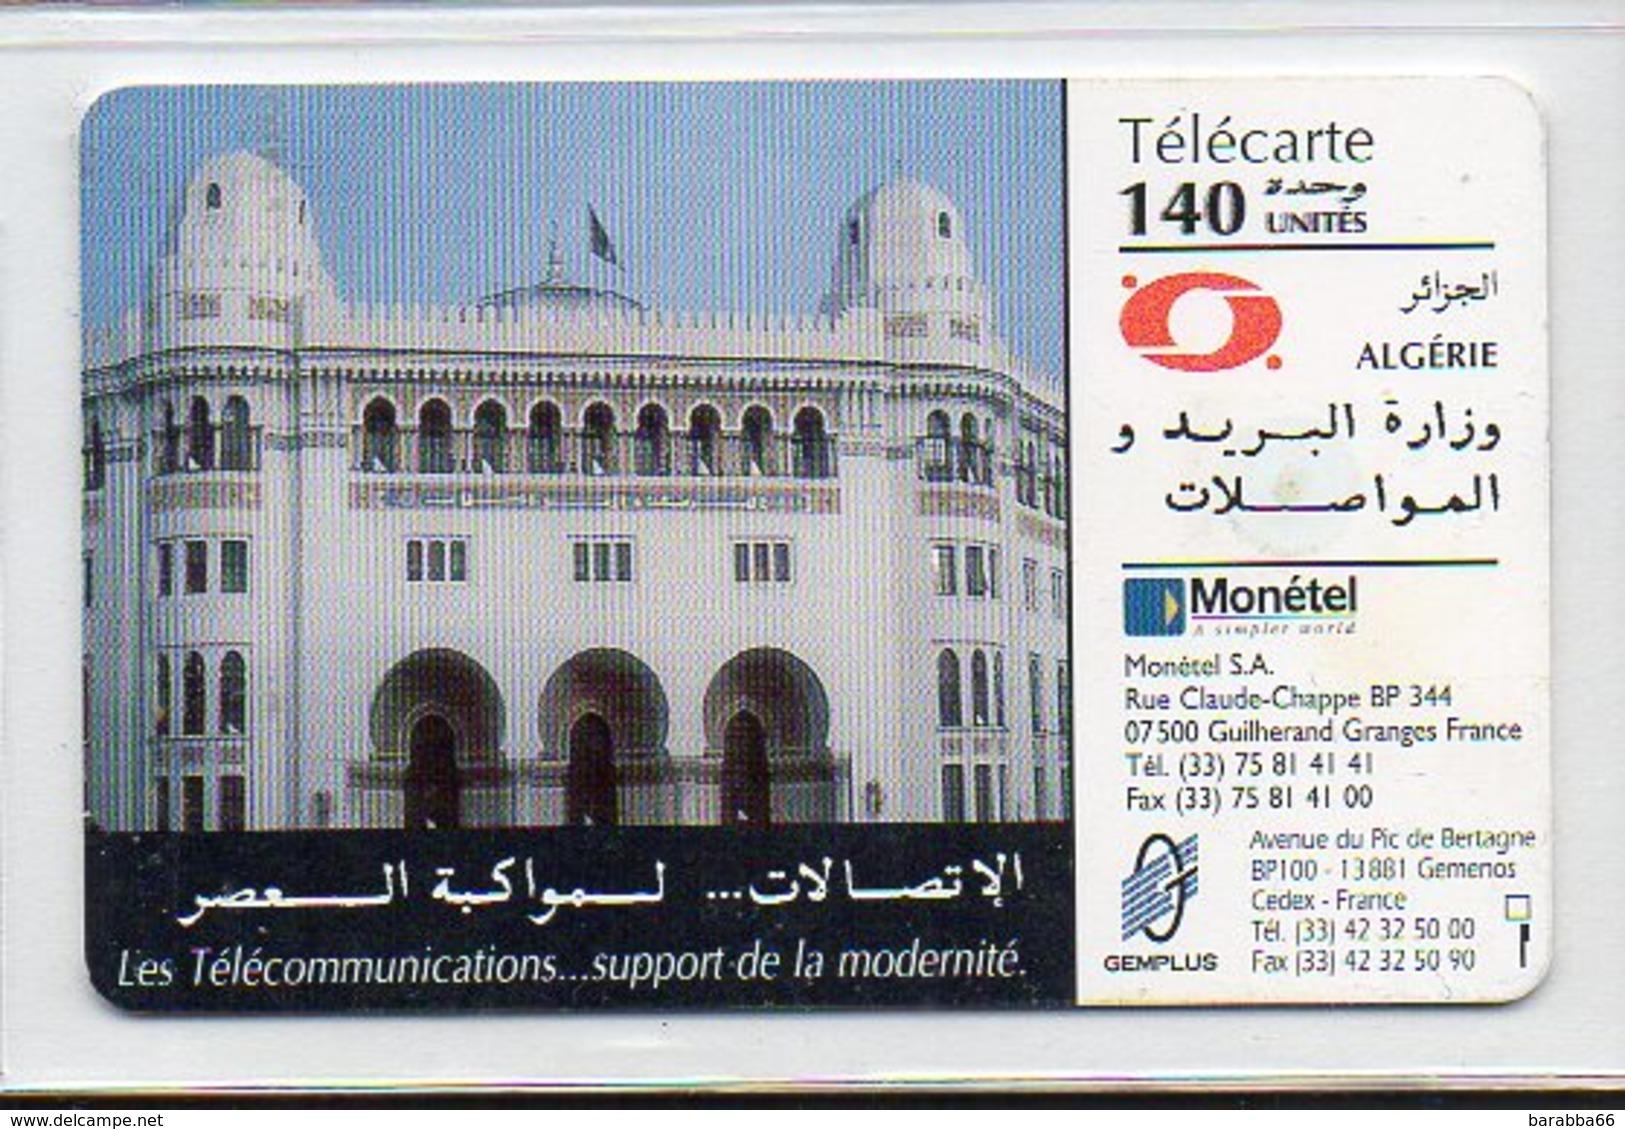 140 UNITES - CAAR - Algérie